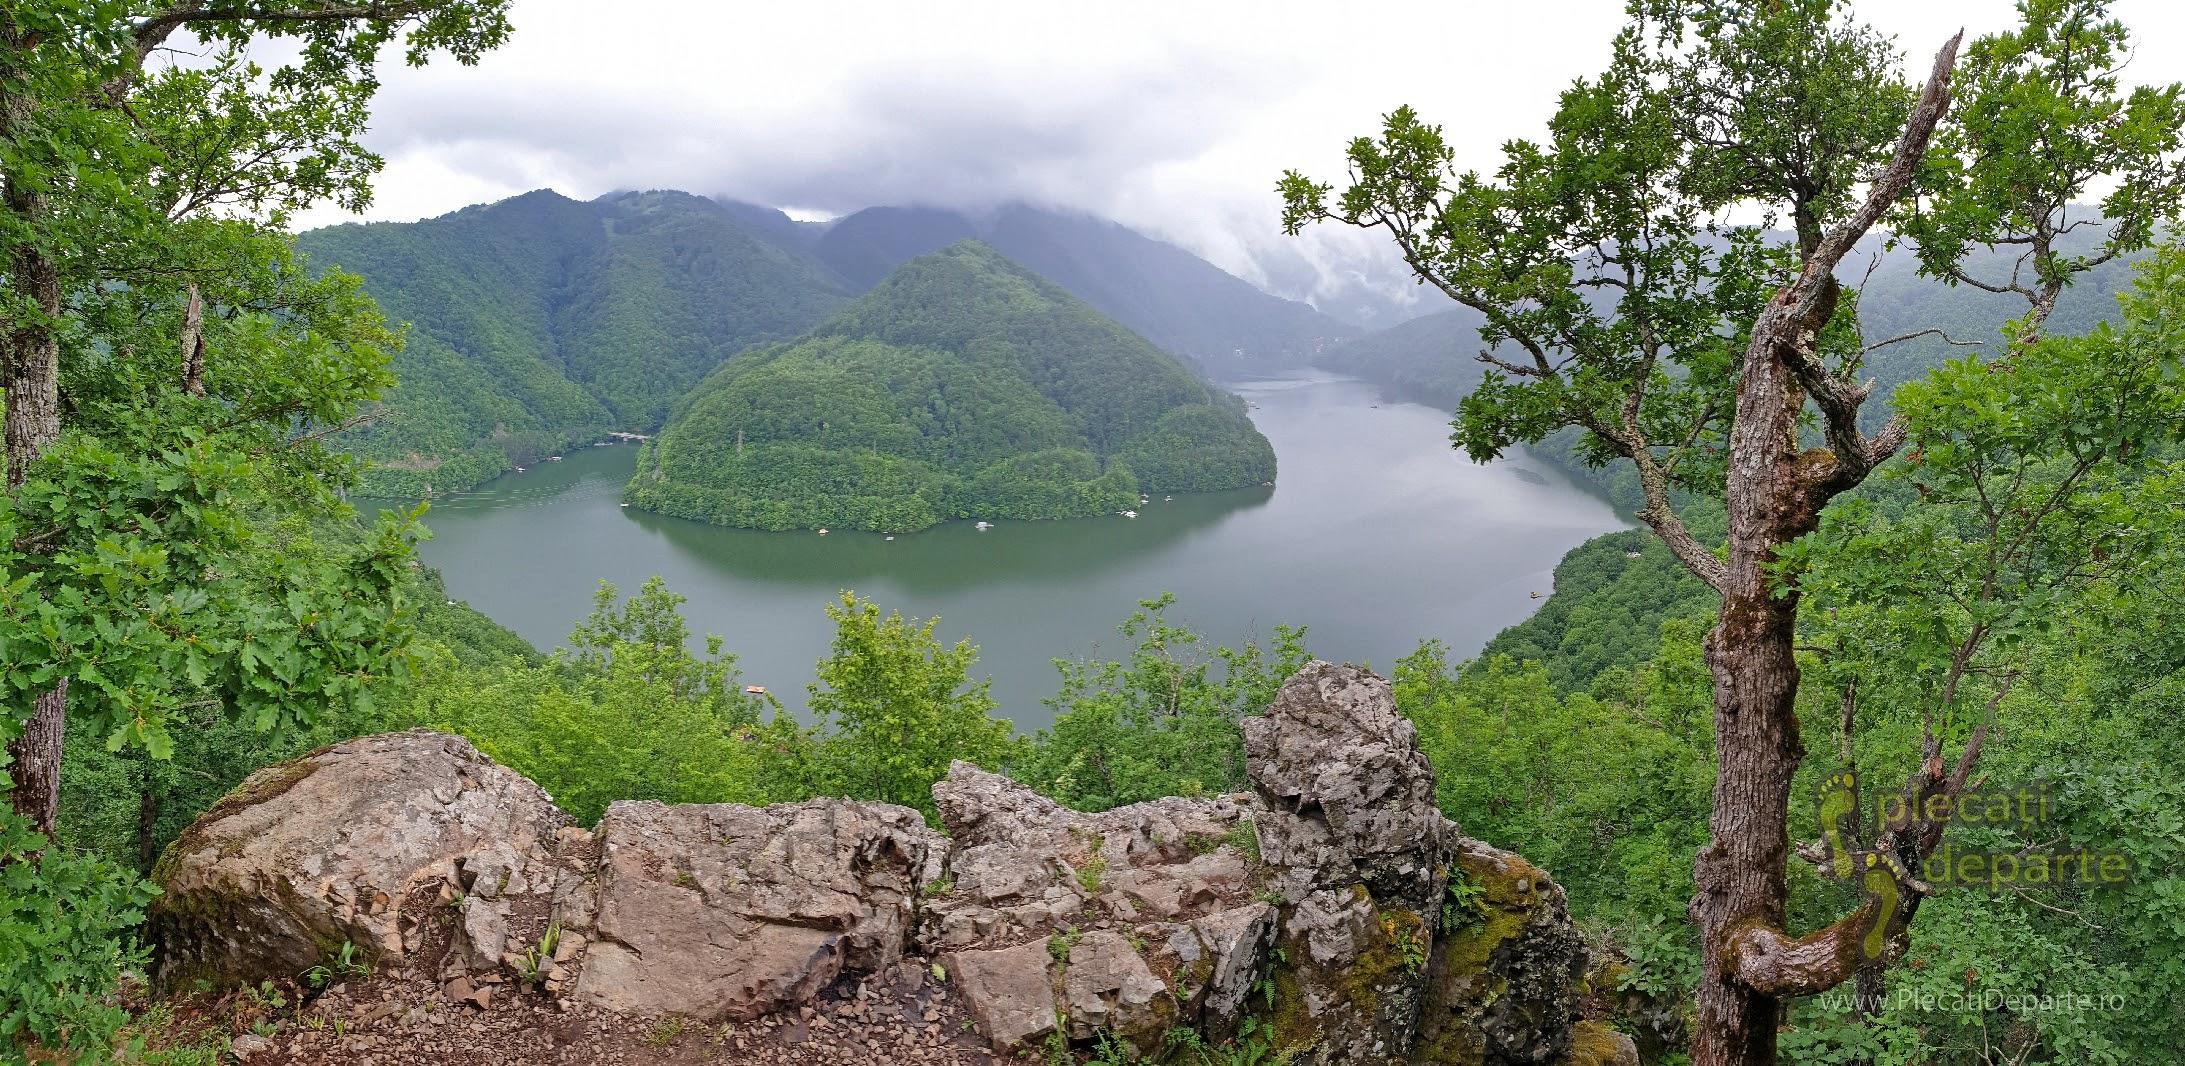 Piatra lui Dan la Lacul Tarnita. obiective turistice cluj, imprejurimi cluj, obiective cluj, obiective judetul cluj, atractii cluj,